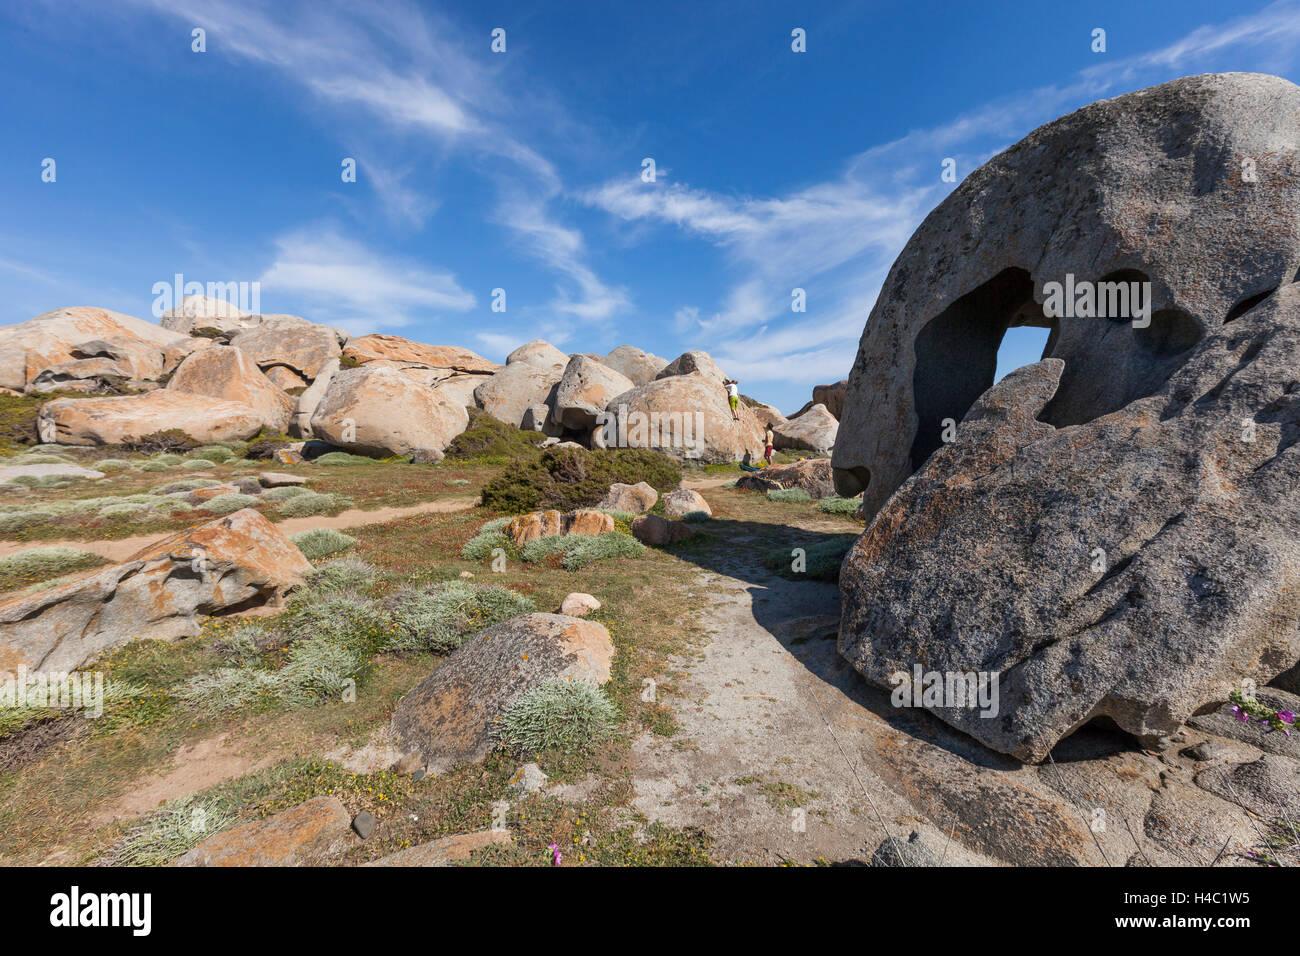 Europa, Frankreich, Korsika, Bouldern in Capineru Stockbild